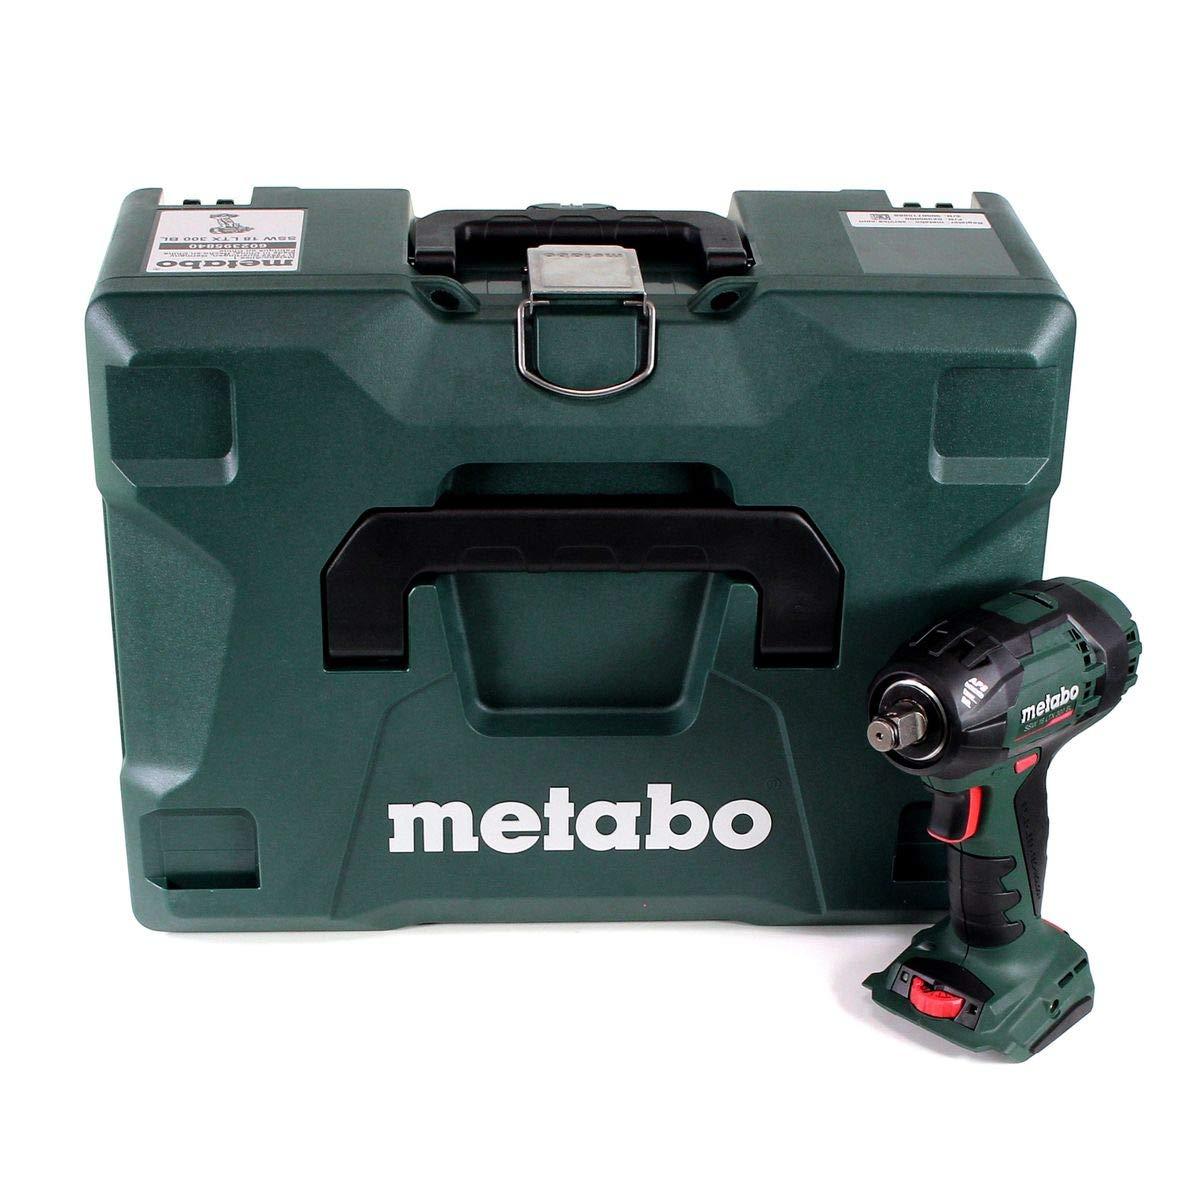 Metabo SSW 18 LTX 300 BL Akku-Schlagschrauber Li-Ion